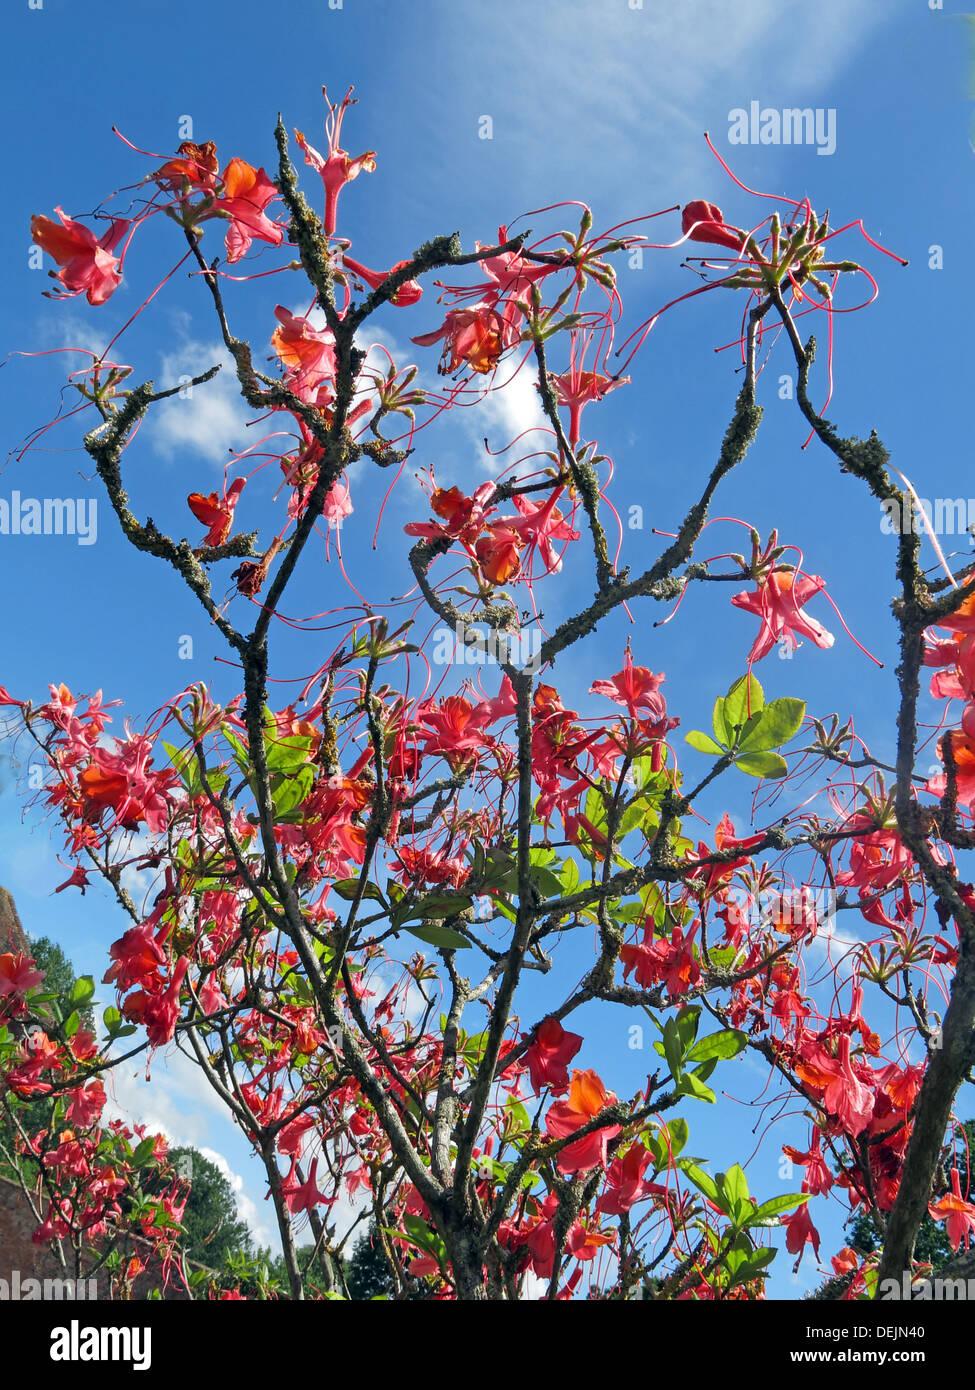 Laden Sie dieses Alamy Stockfoto Rote Blüten auf einem Strauch in Barrington Court NT Unterkunft in Somerset, SW England, UK - DEJN40